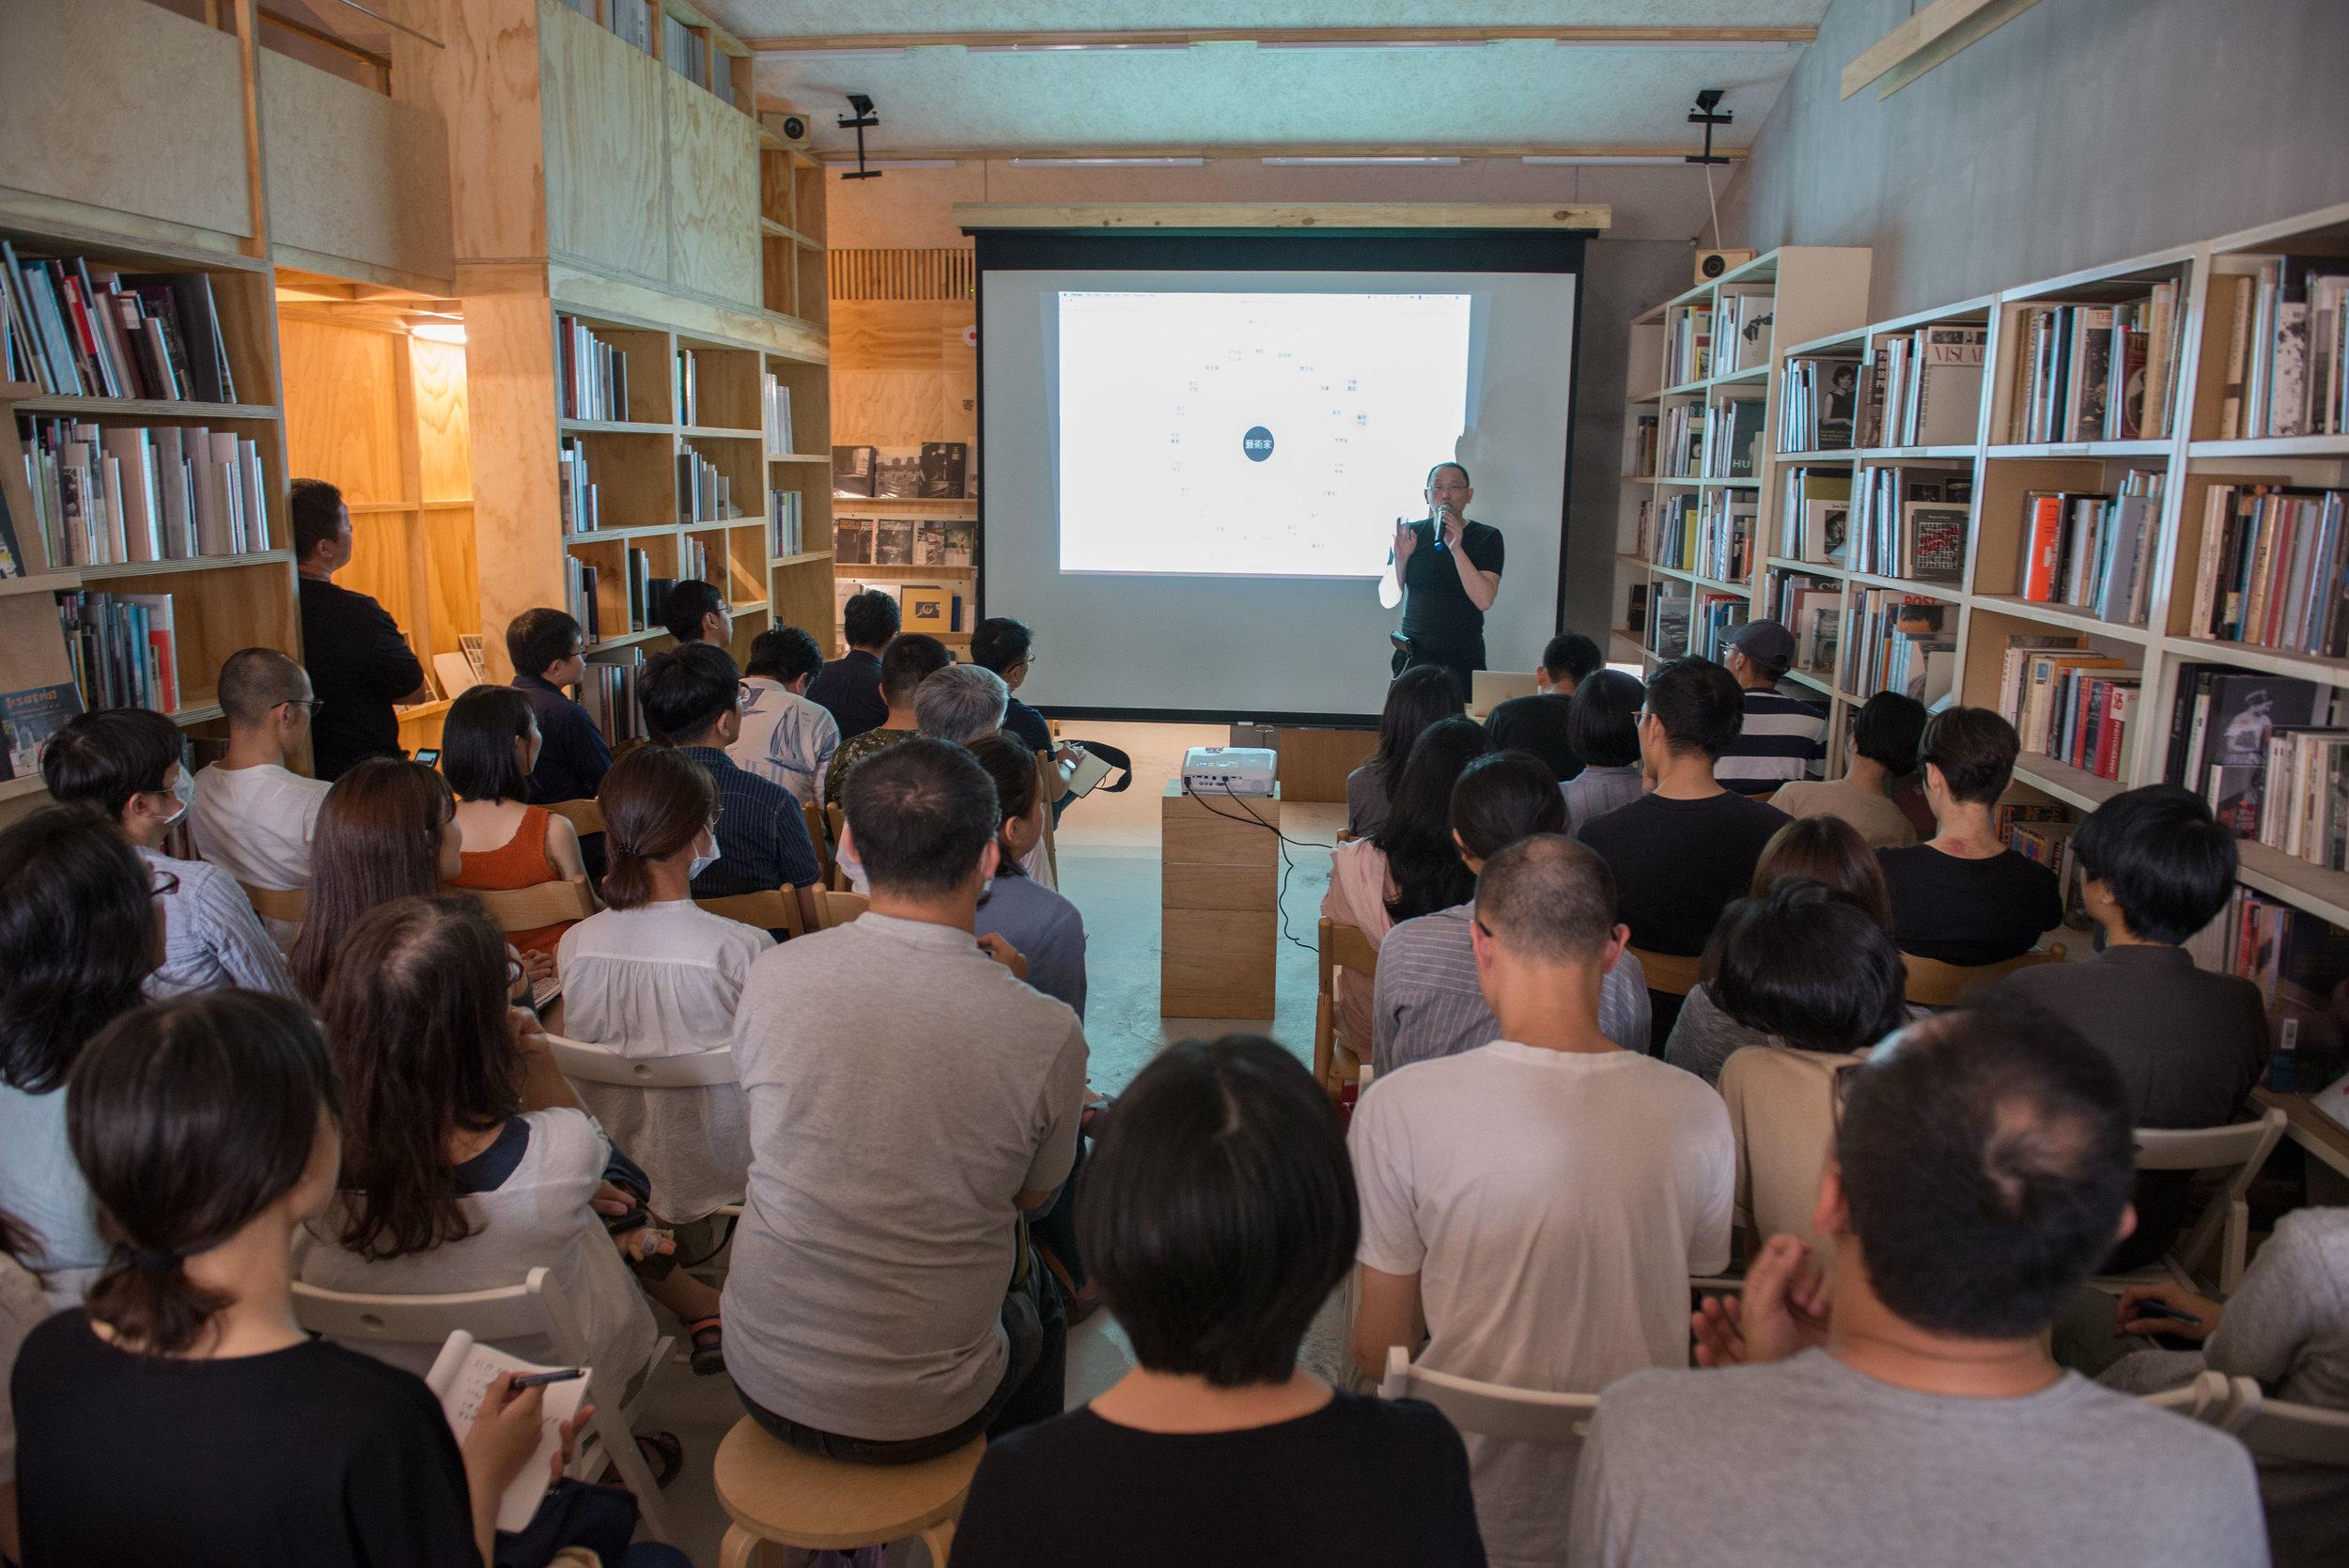 藝術家姚瑞中在Lightbox舉辦講座分享藝術工作經驗_Lightbox攝影圖書室提供.jpg